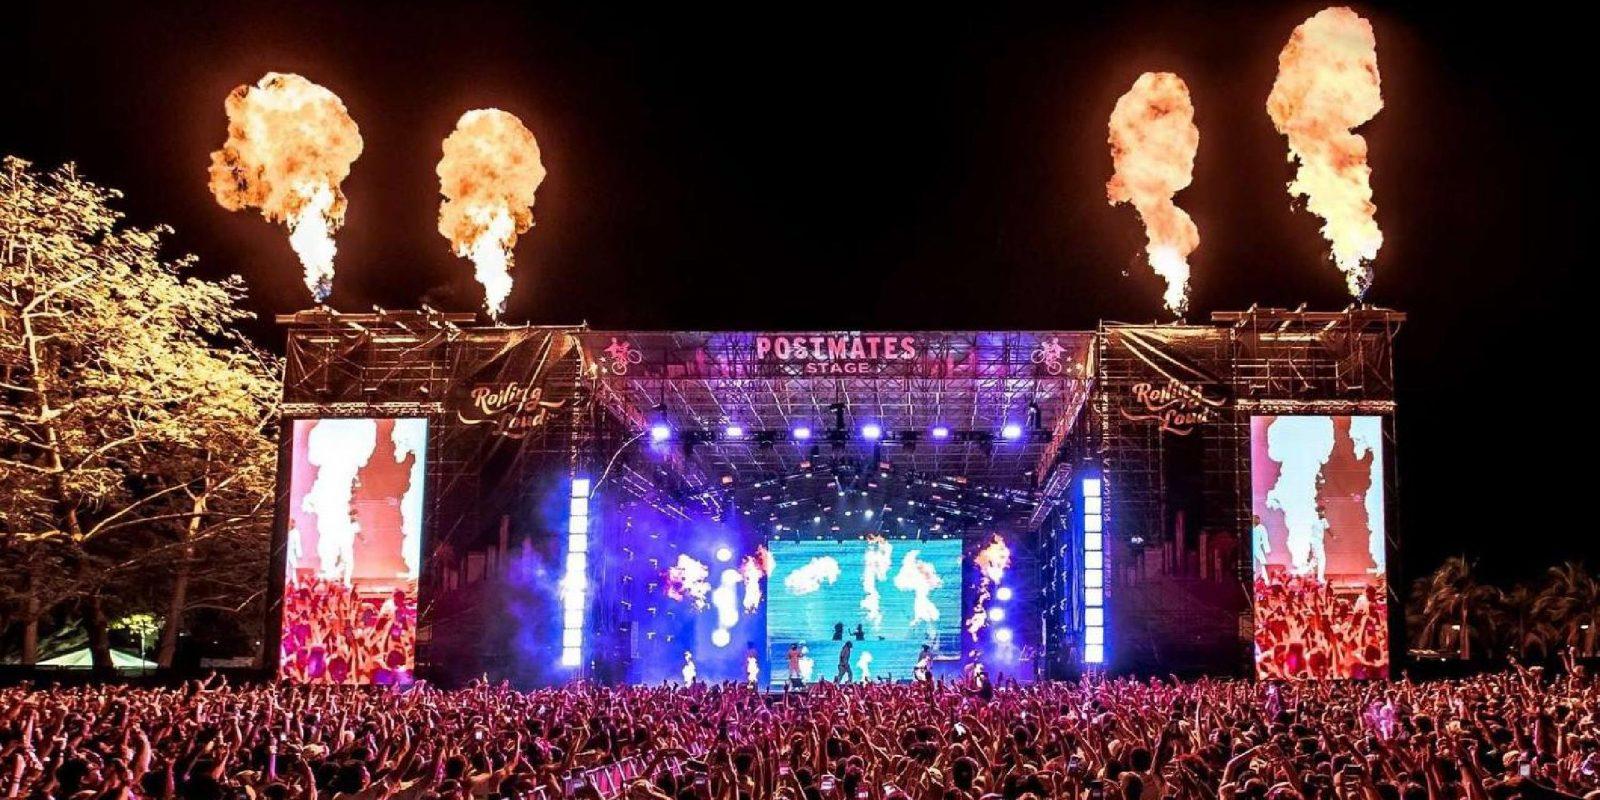 rolling-loud-festival-2019-1561471414.48.2560x1440